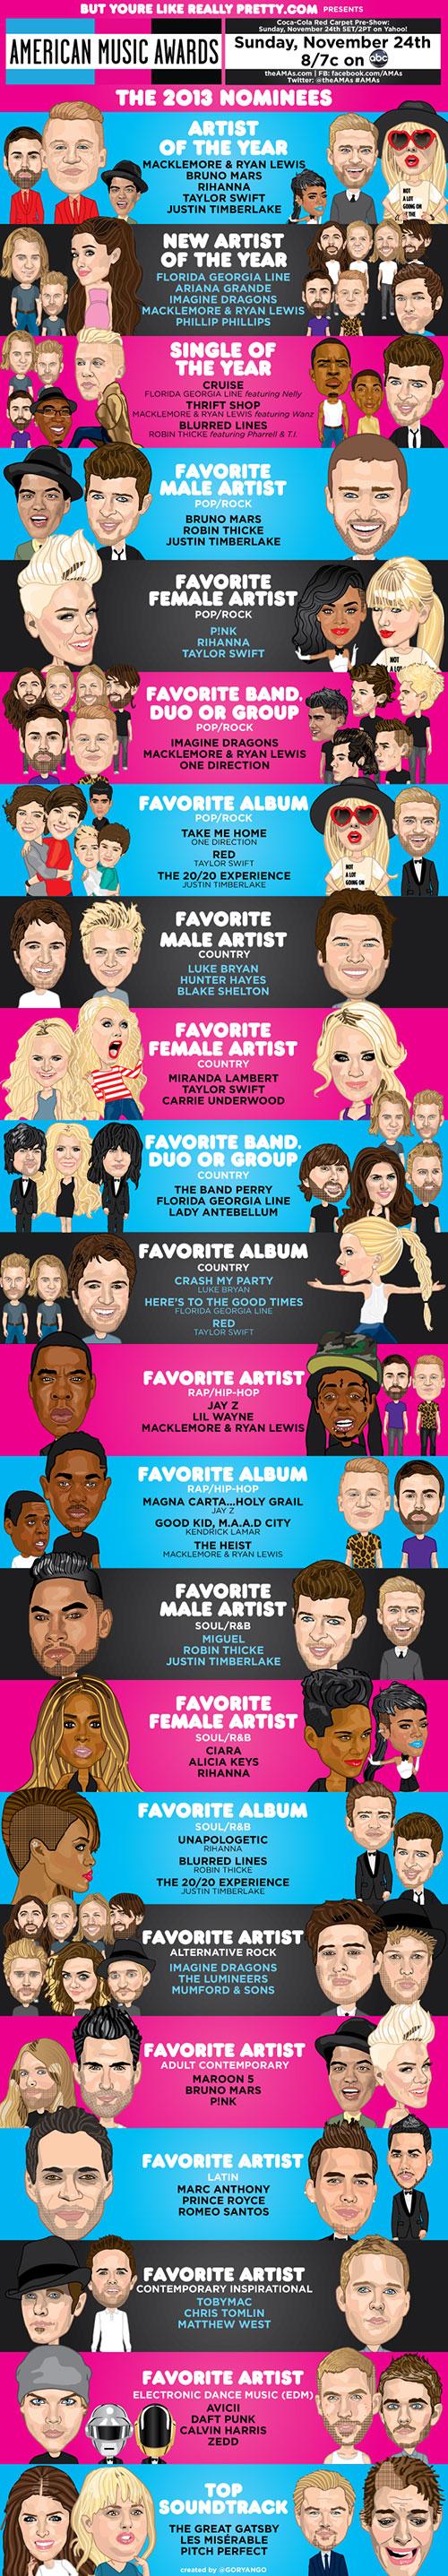 ama-nominees-infographic